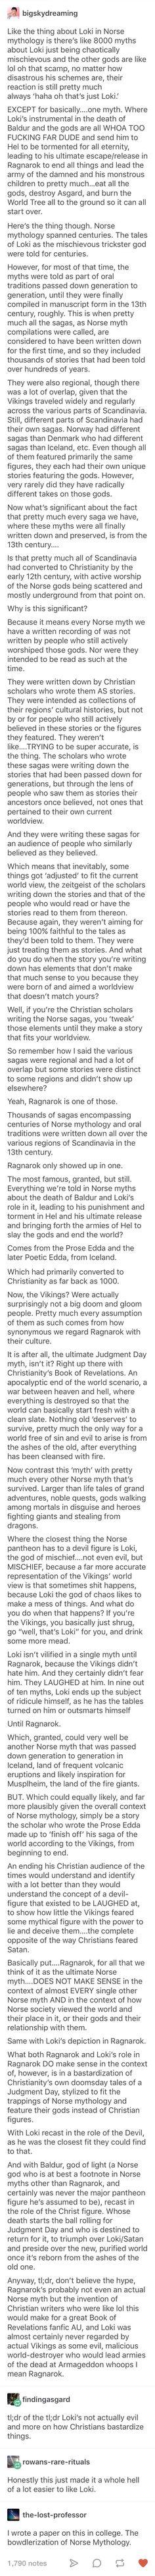 dr Loki ain't all that bad and the bastardization of Norse mythology by Christians Norse Mythology, Greek Mythology, Writing Tips, Writing Prompts, History Facts, History Memes, Strange History, Interesting History, Interesting Facts